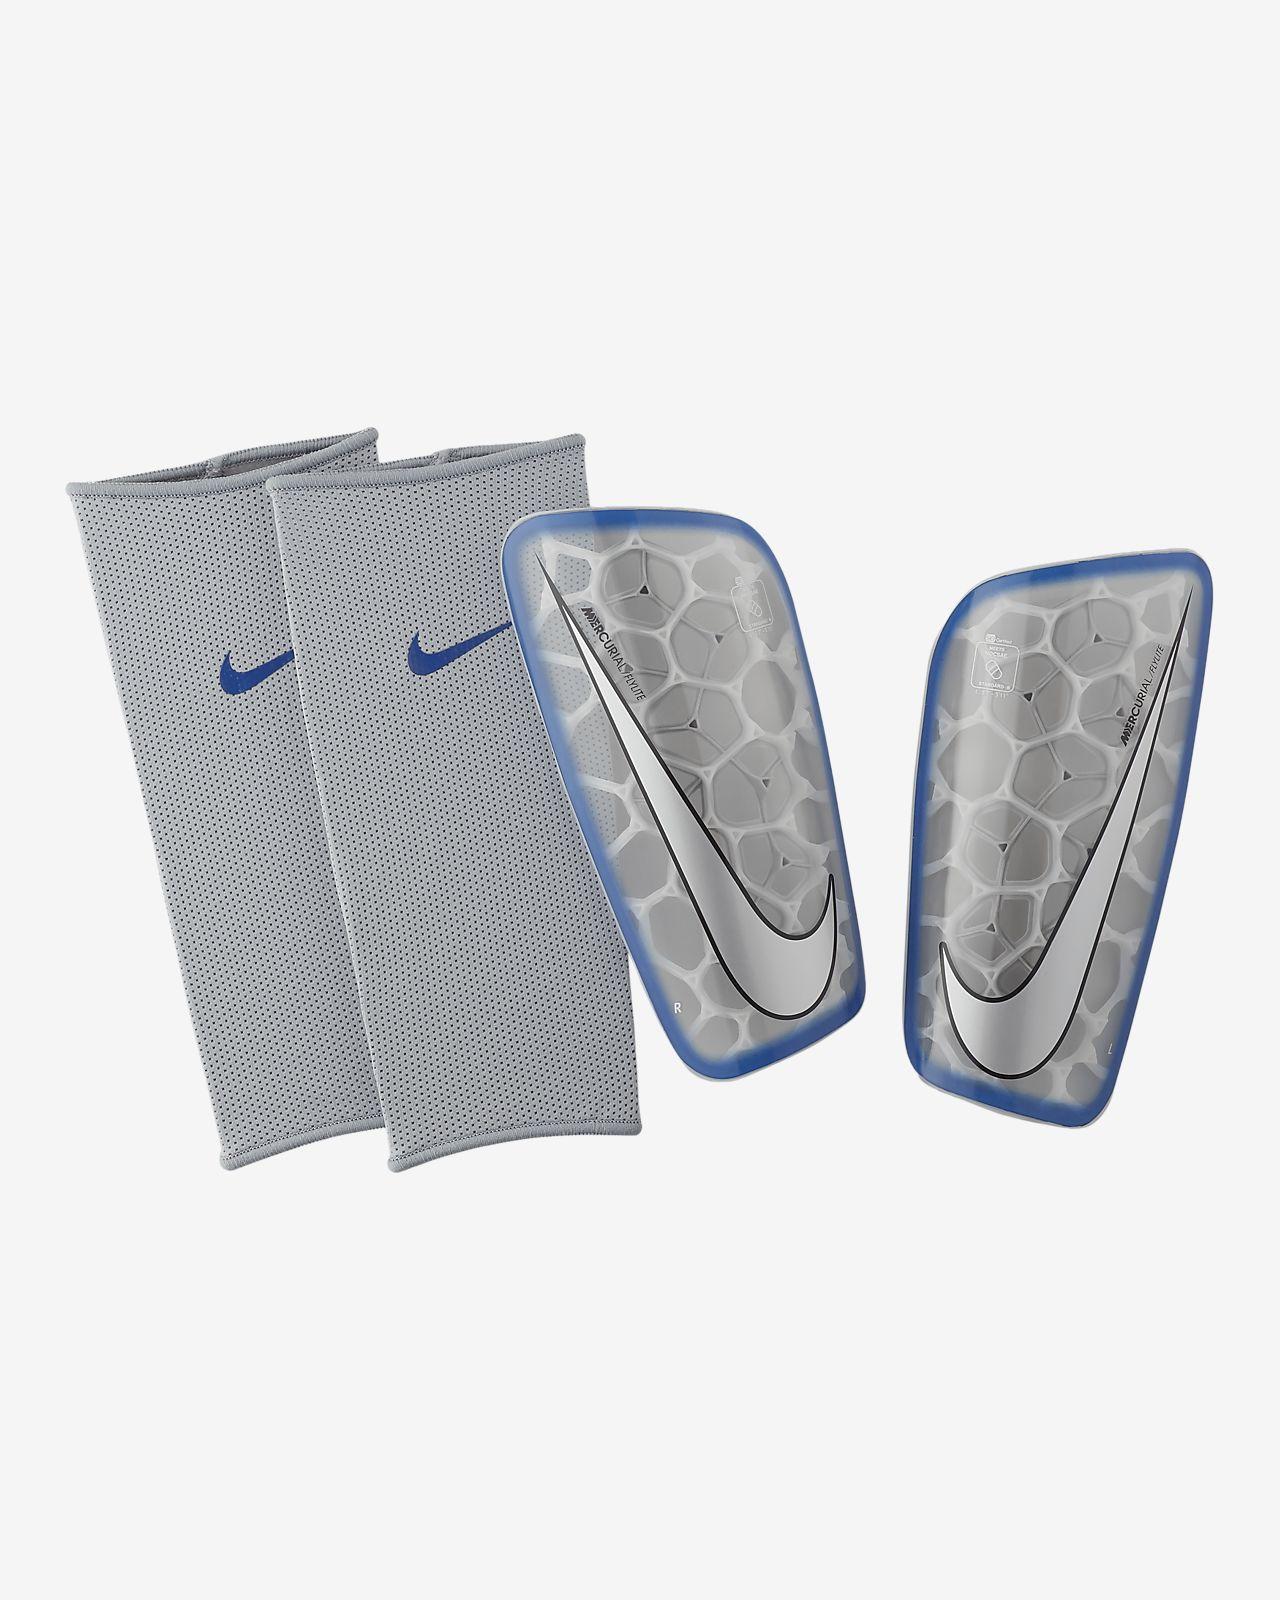 Caneleiras de futebol Nike Mercurial Flylite